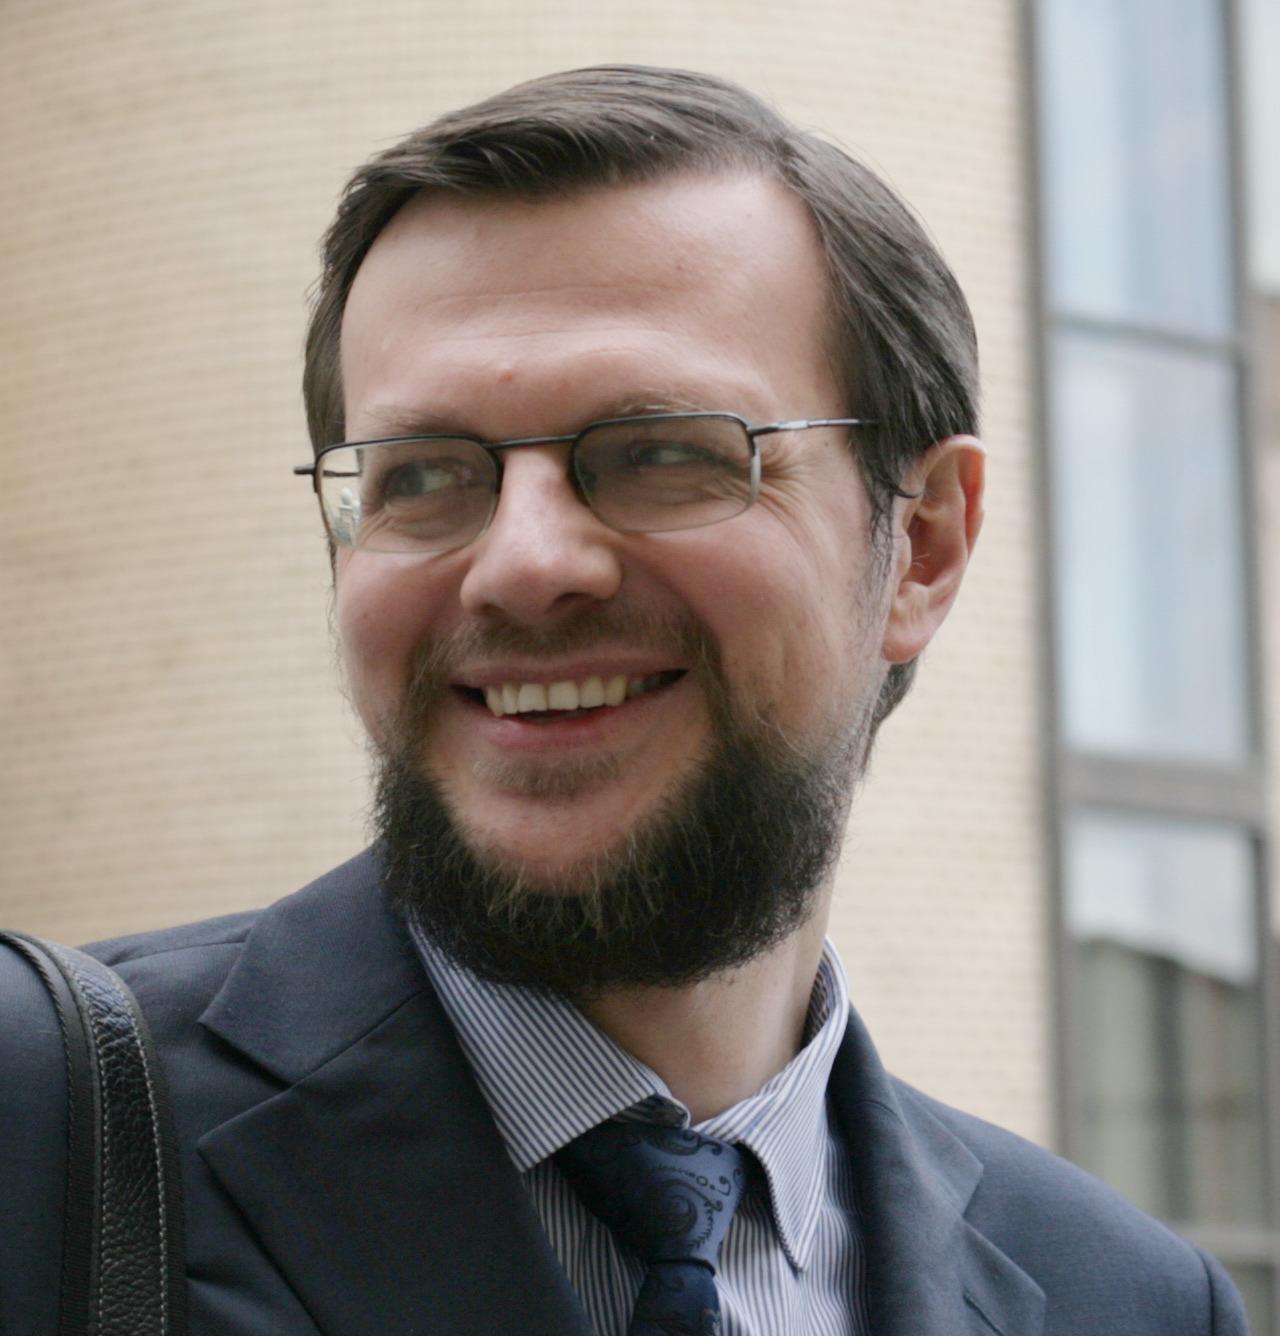 Сумароков Евгений Валерьевич